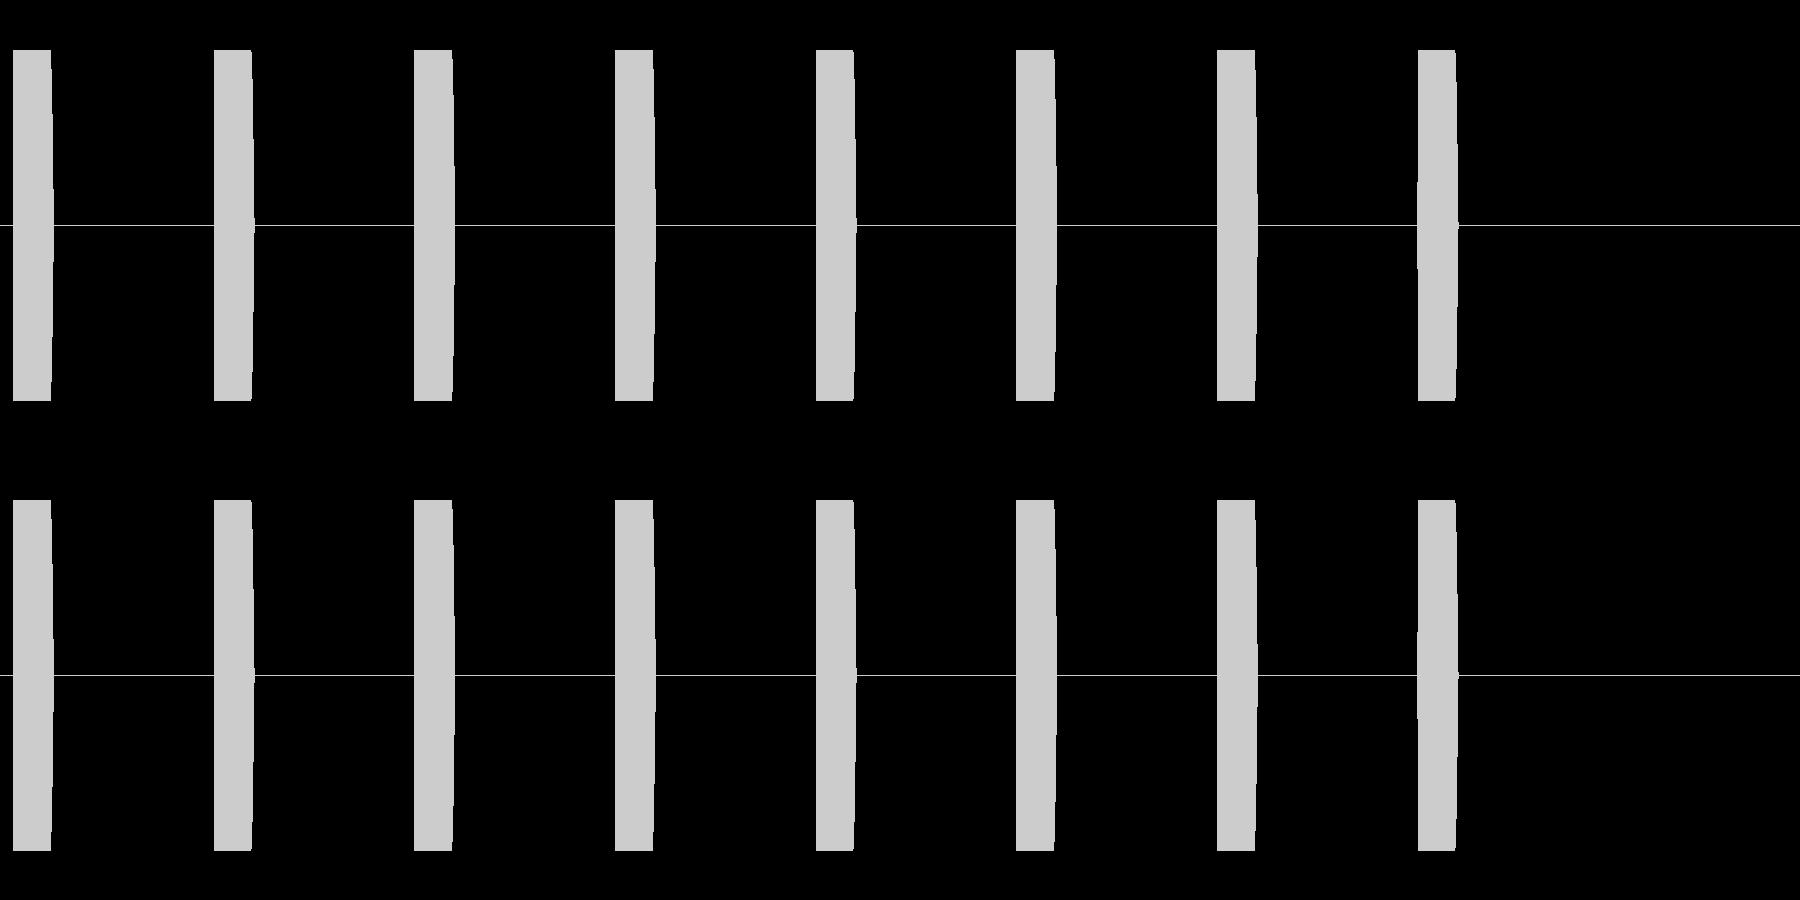 コミカルな足音 A-5-3の未再生の波形